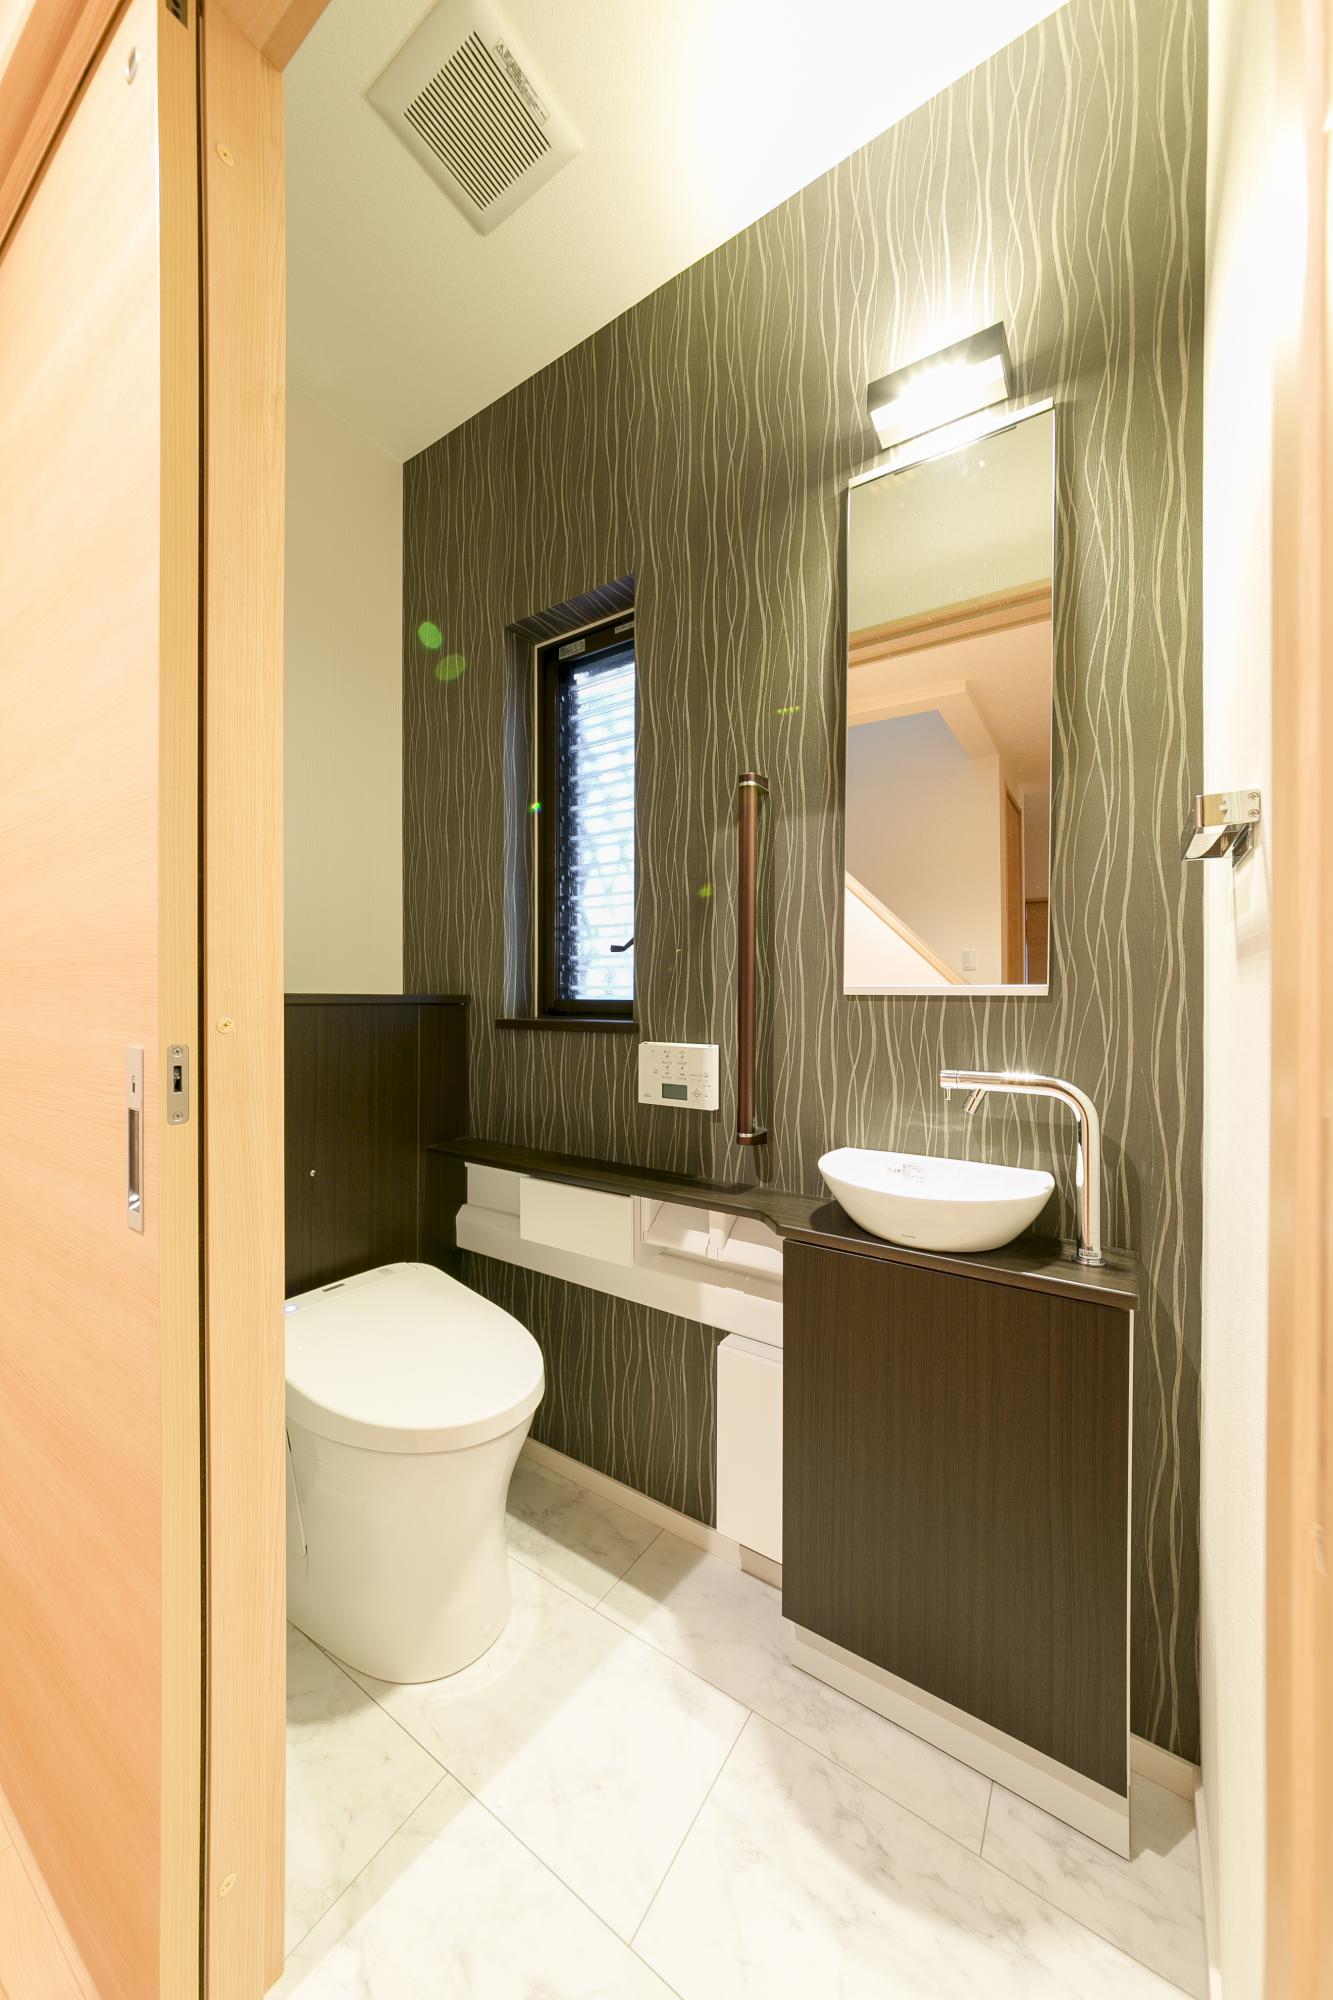 1階のトイレ入り口を引き戸にして使いやすさに配慮。新たに手洗いスペースも設けた。